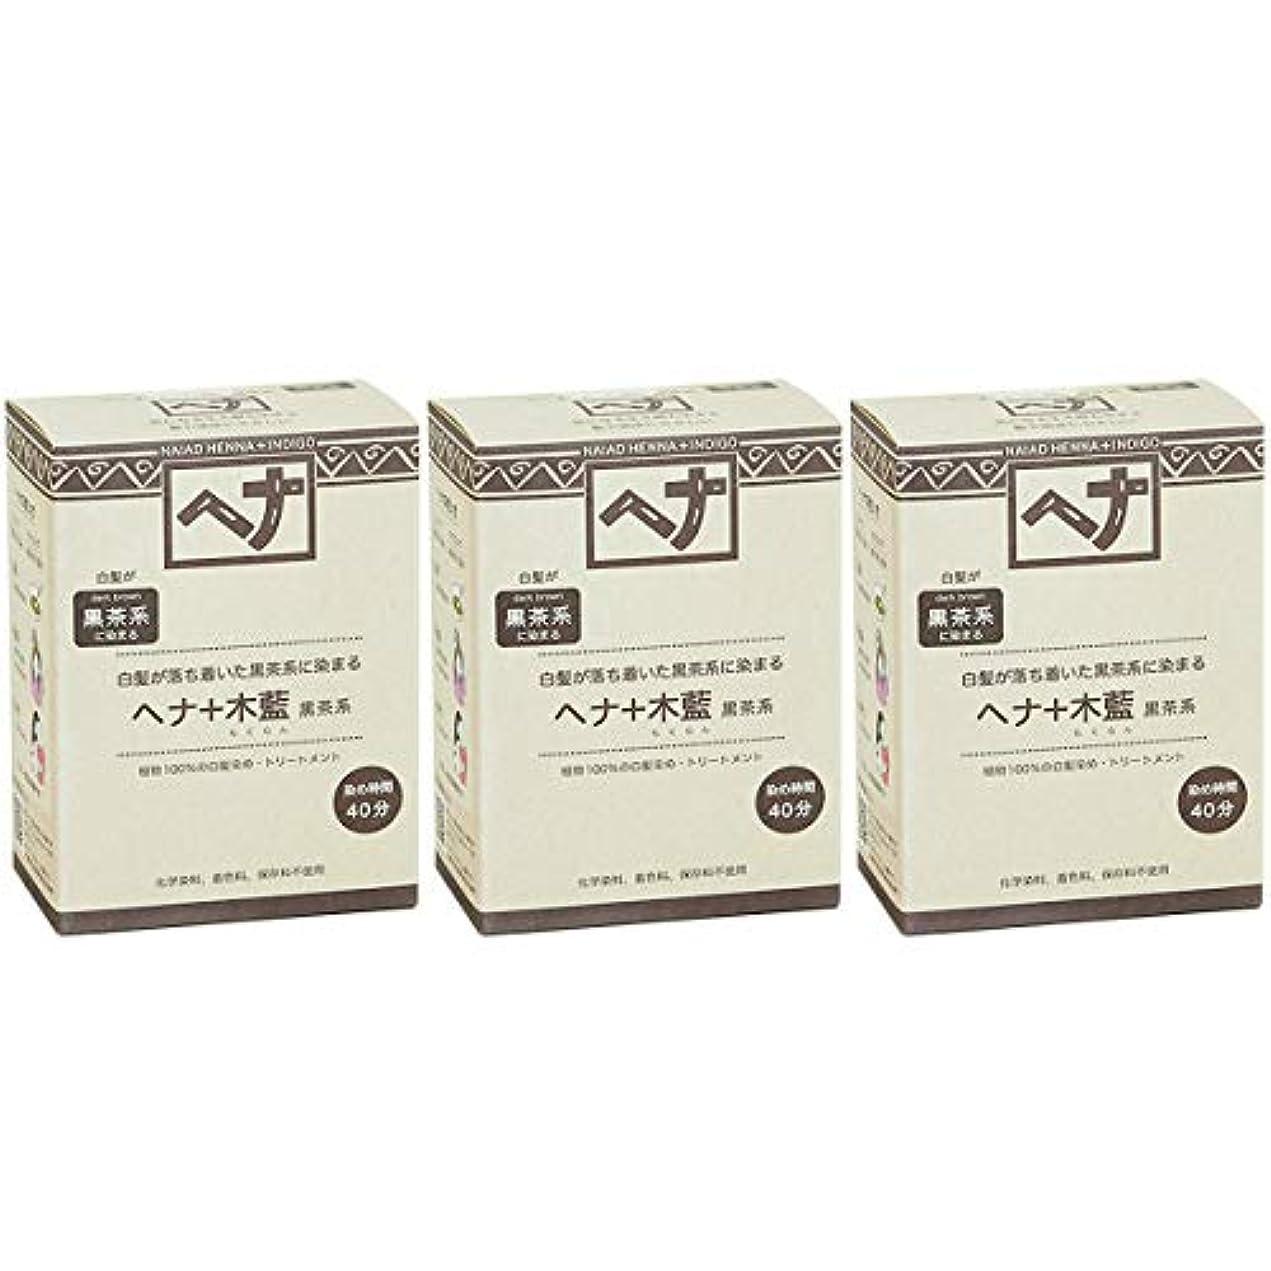 潜在的な宗教程度ナイアード ヘナ + 木藍 黒茶系 白髪が落ち着いた黒茶系に染まる 100g 3個セット